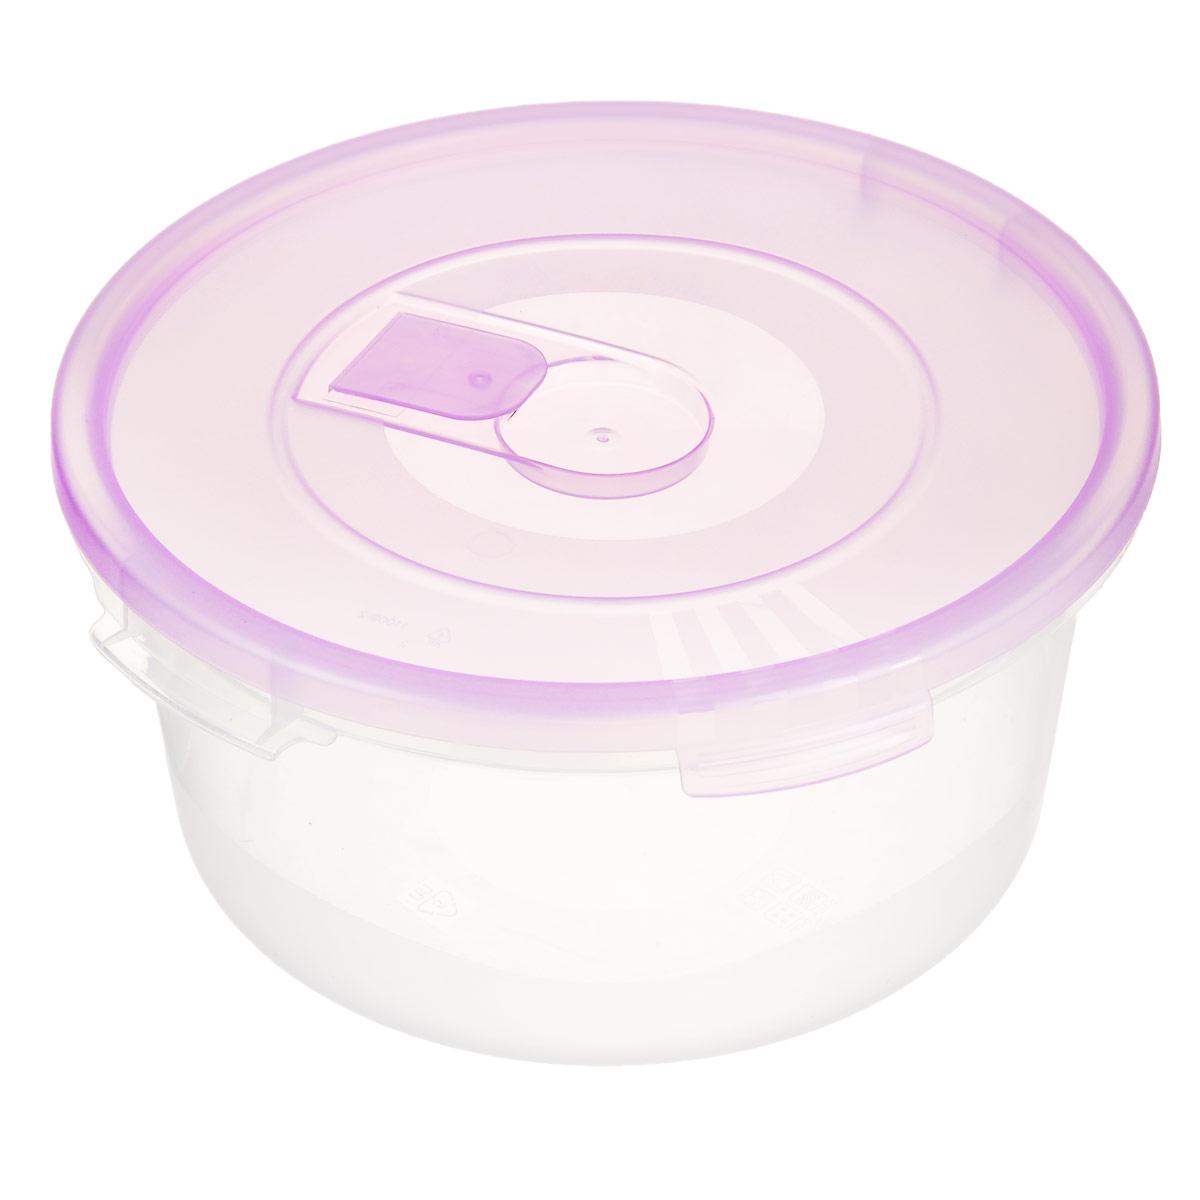 Контейнер Полимербыт Смайл, цвет: прозрачный, сиреневый, 1,6 лС522Контейнер Полимербыт Смайл круглой формы, изготовленный из прочного пластика, предназначен специально для хранения пищевых продуктов. Контейнер оснащен герметичной крышкой со специальным клапаном, благодаря которому внутри создается вакуум, и продукты дольше сохраняют свежесть и аромат. Крышка легко открывается и плотно закрывается. Стенки контейнера прозрачные - хорошо видно, что внутри. Контейнер устойчив к воздействию масел и жиров, легко моется. Имеет возможность хранения продуктов глубокой заморозки, обладает высокой прочностью. Можно мыть в посудомоечной машине. Подходит для использования в микроволновых печах. Диаметр: 20 см. Высота (без крышки): 9 см.